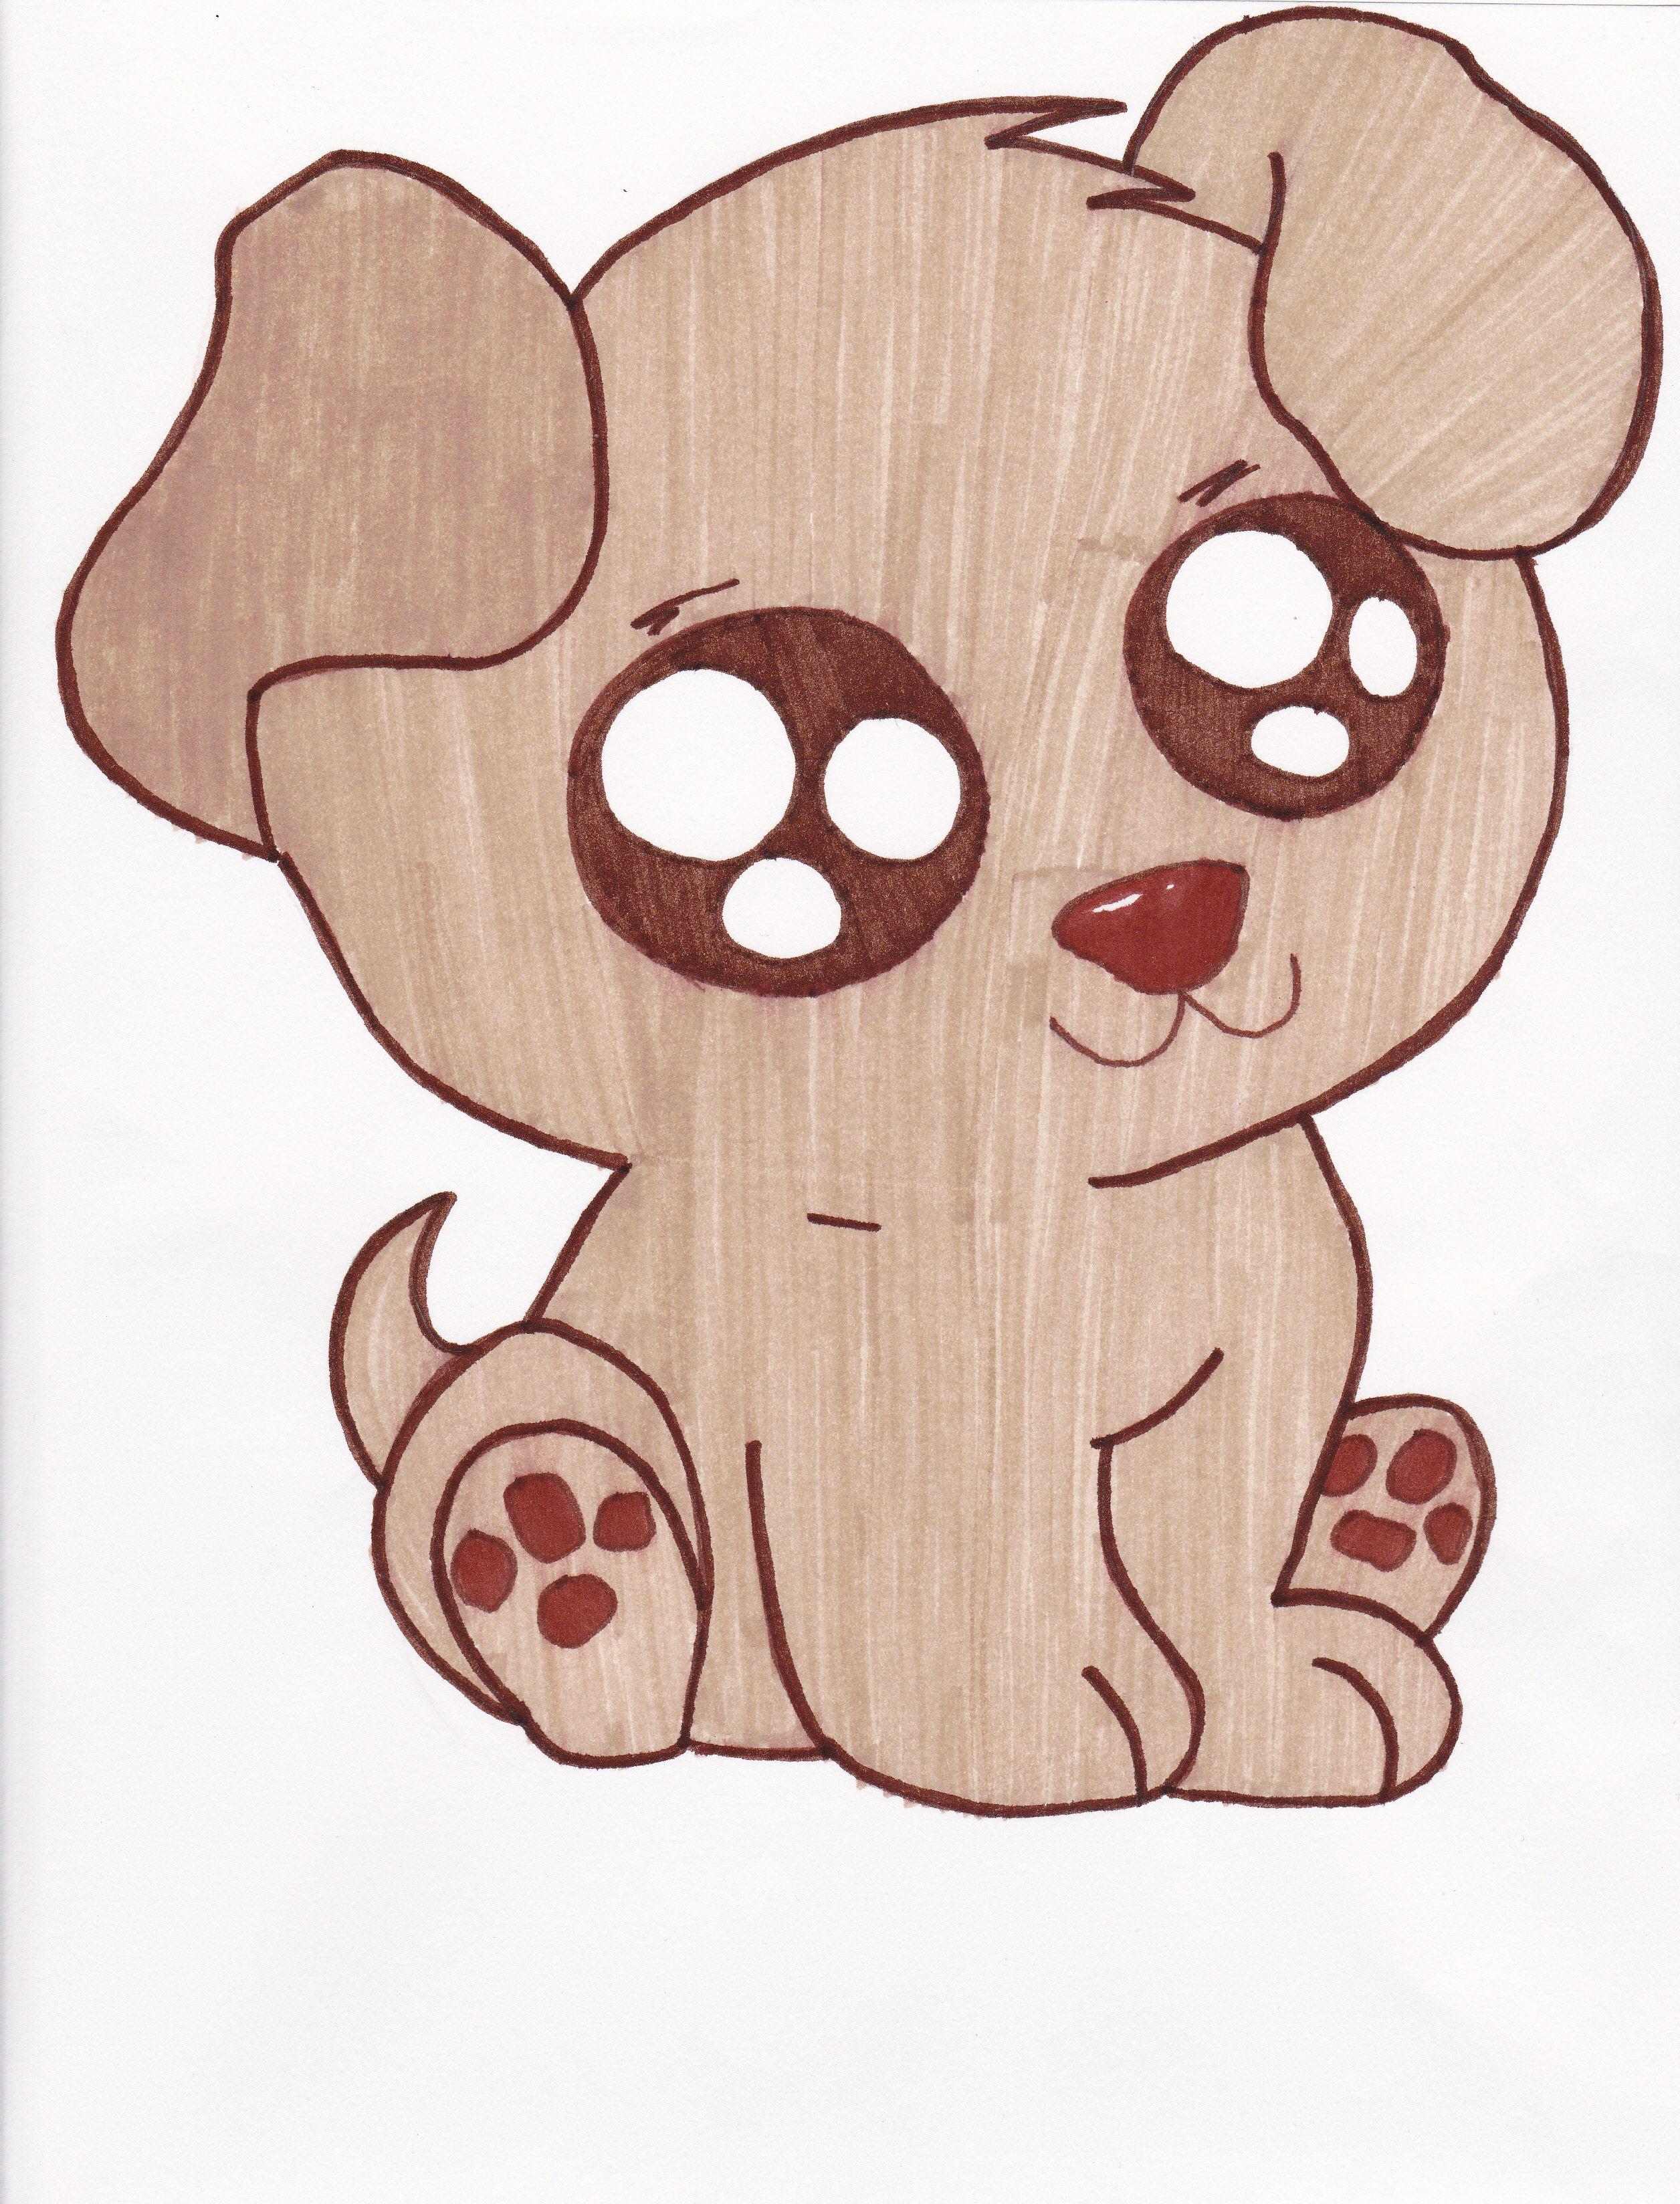 2512x3296 Cute drawings Cute Puppies Drawings